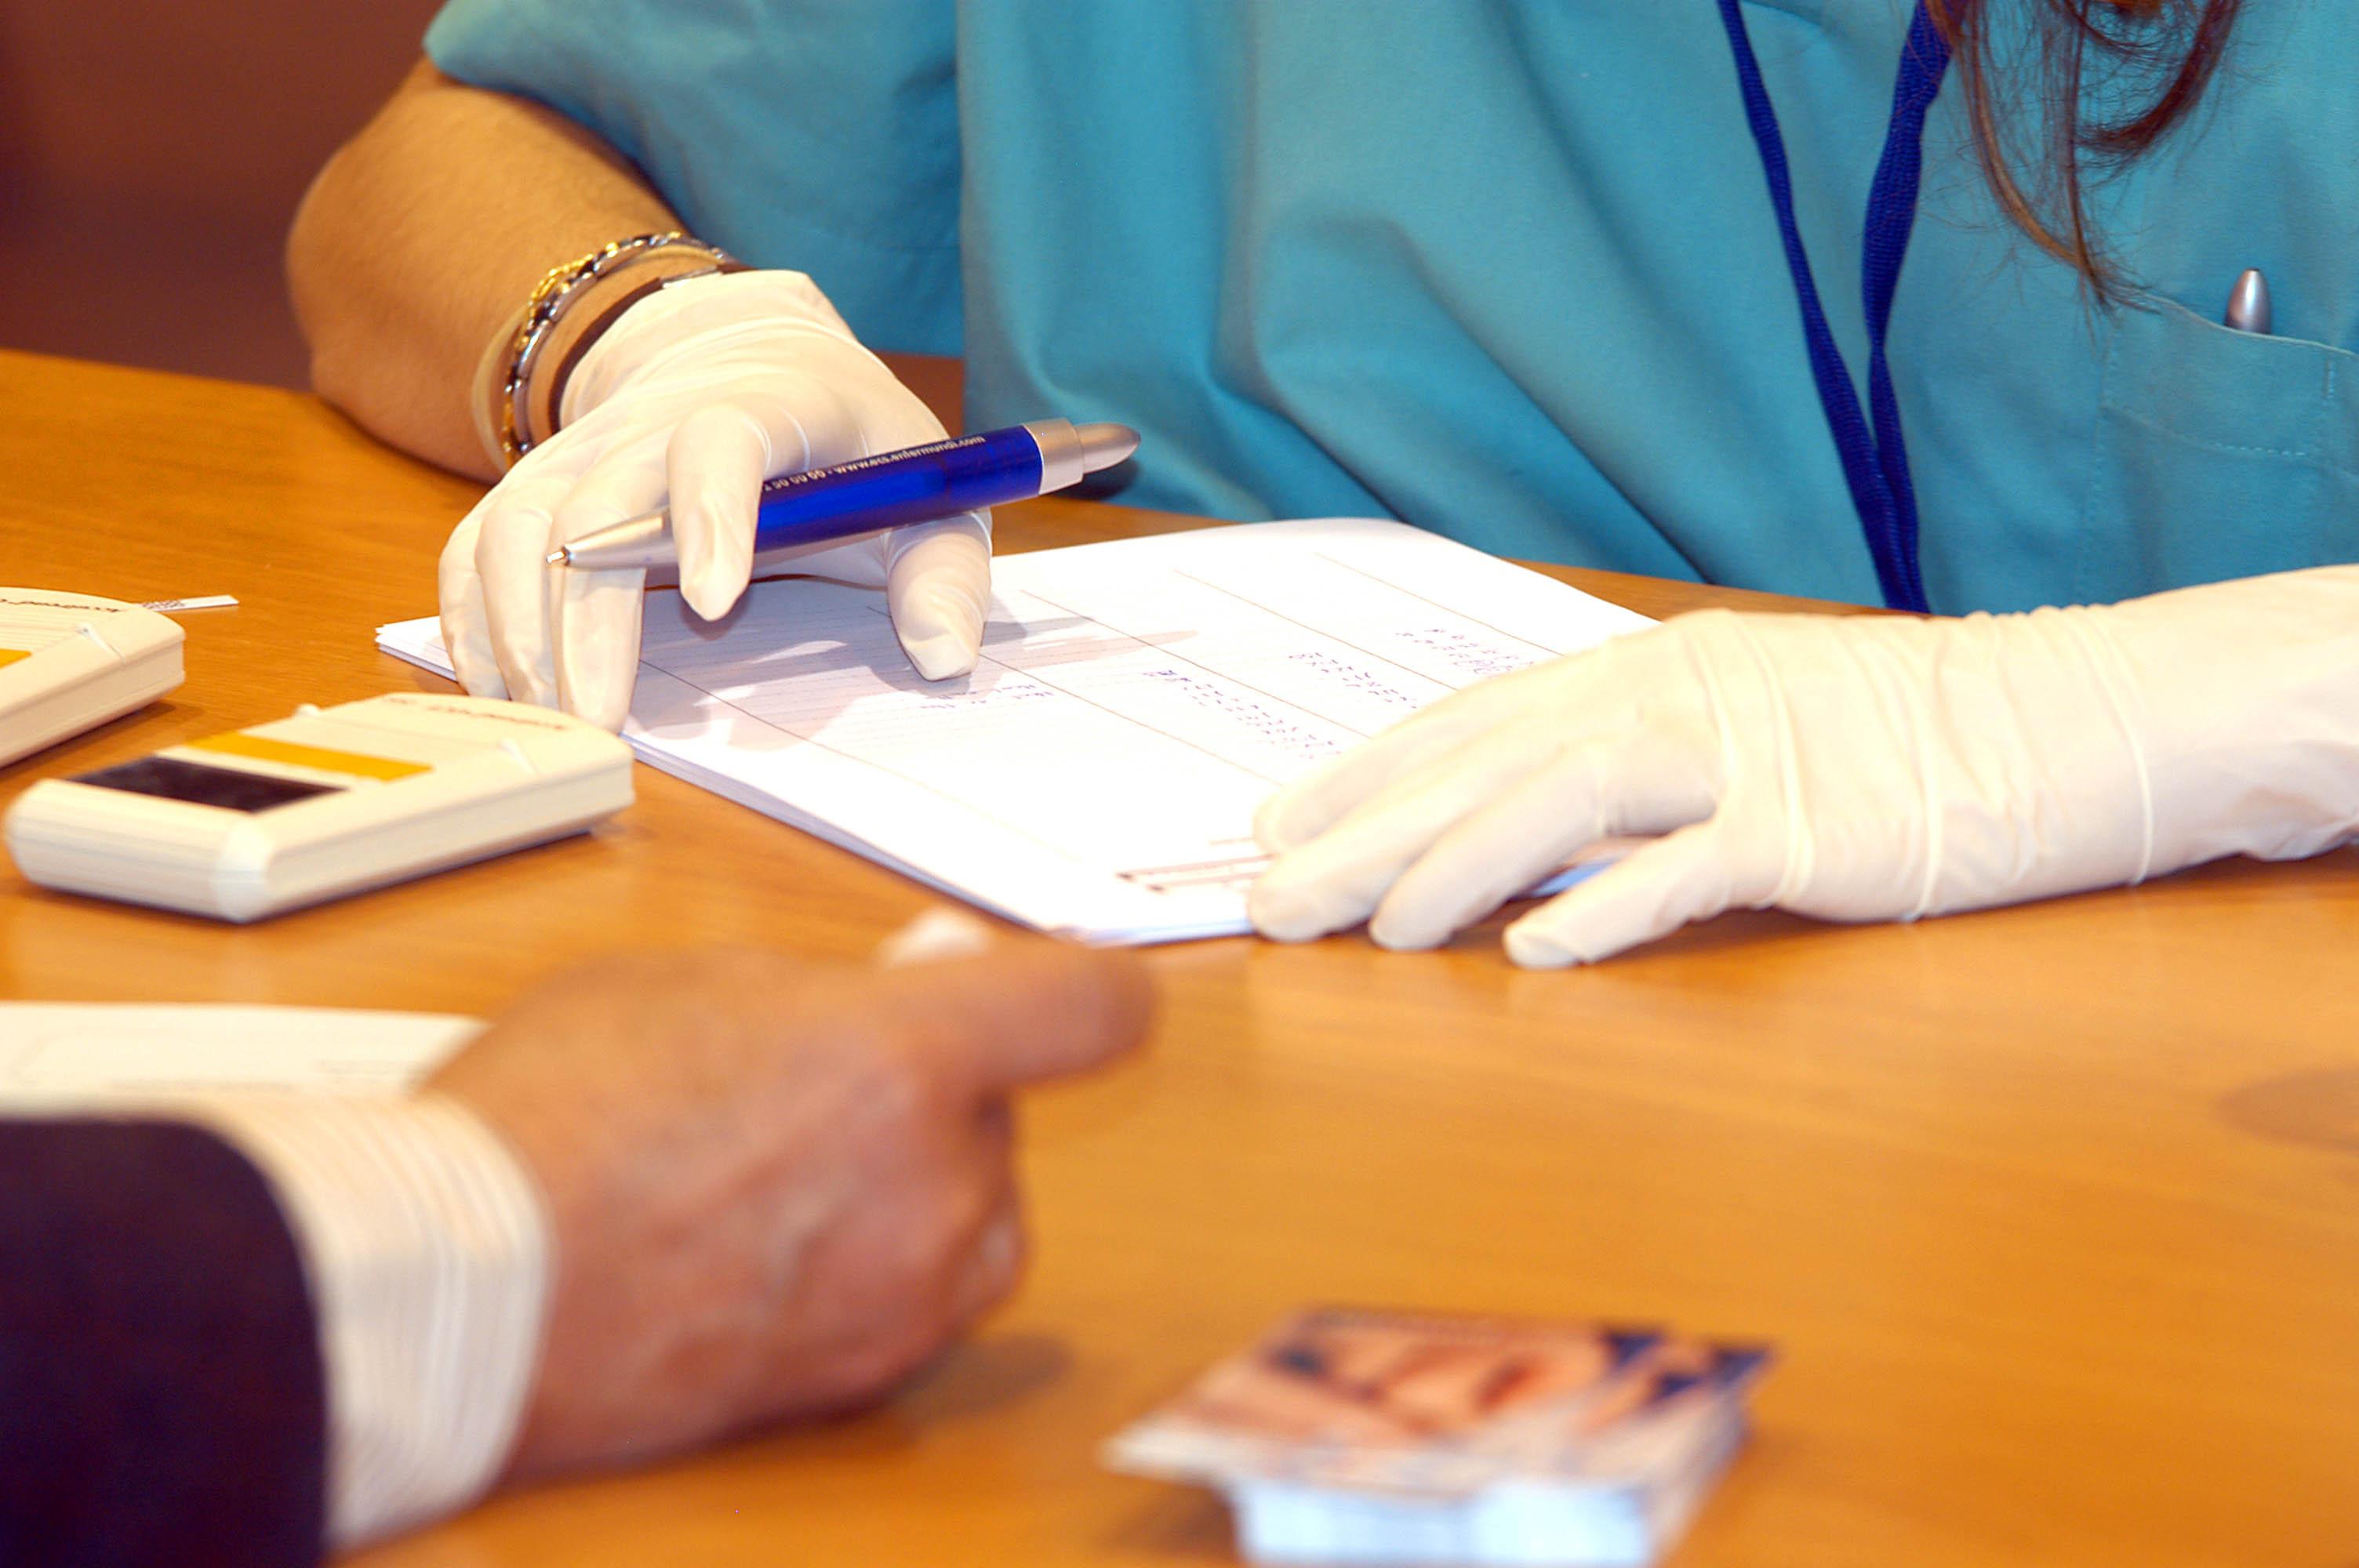 12 claves del Real Decreto de prescripción enfermera